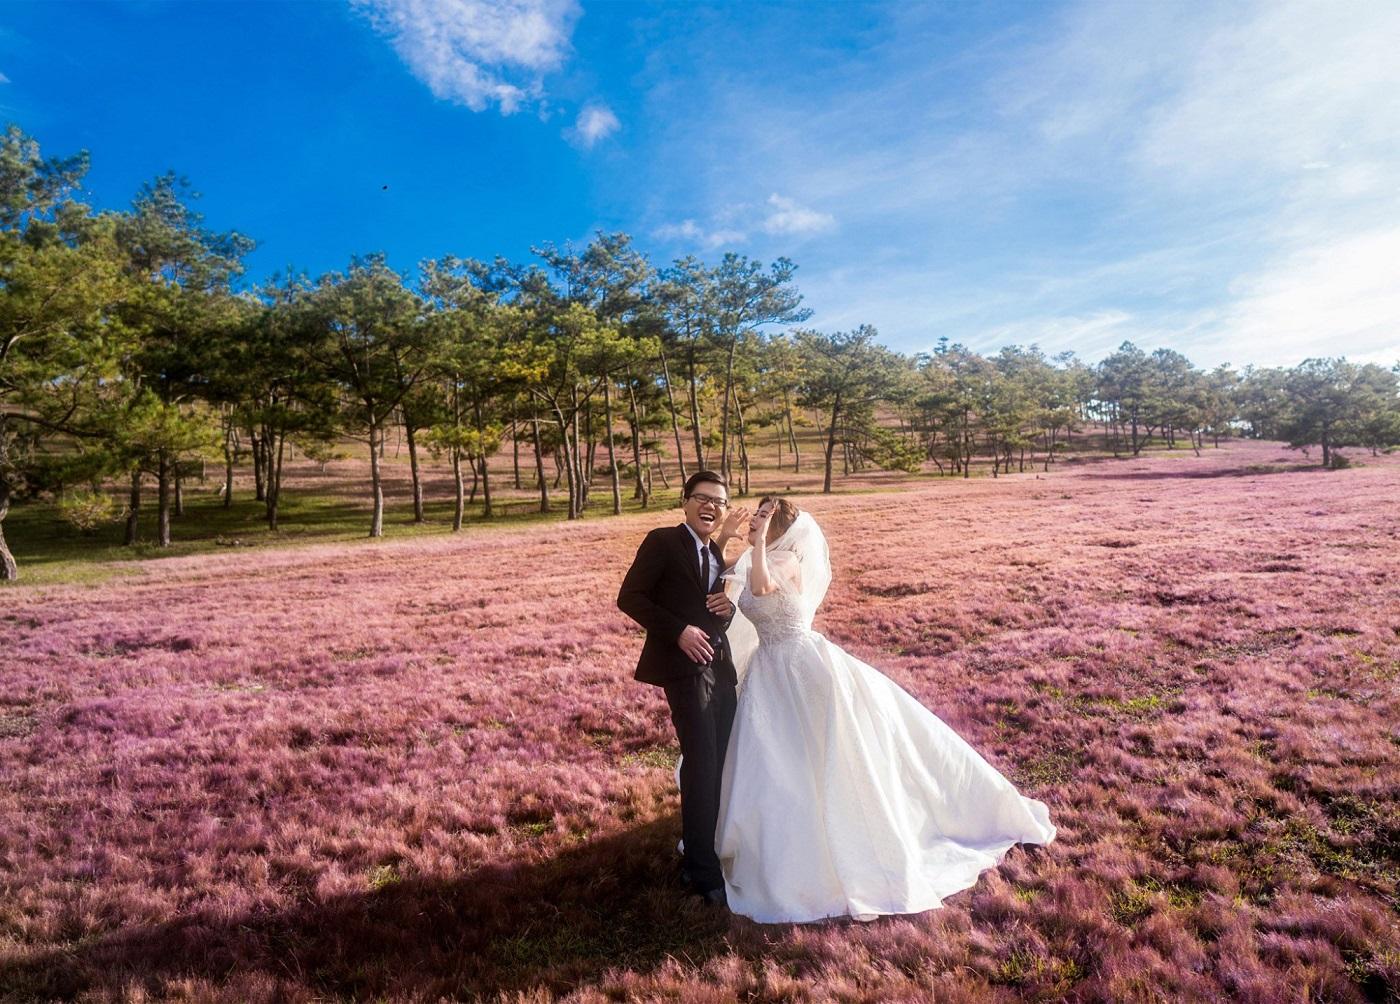 Chụp ảnh cưới tại đồi cỏ hồng Đà Lạt